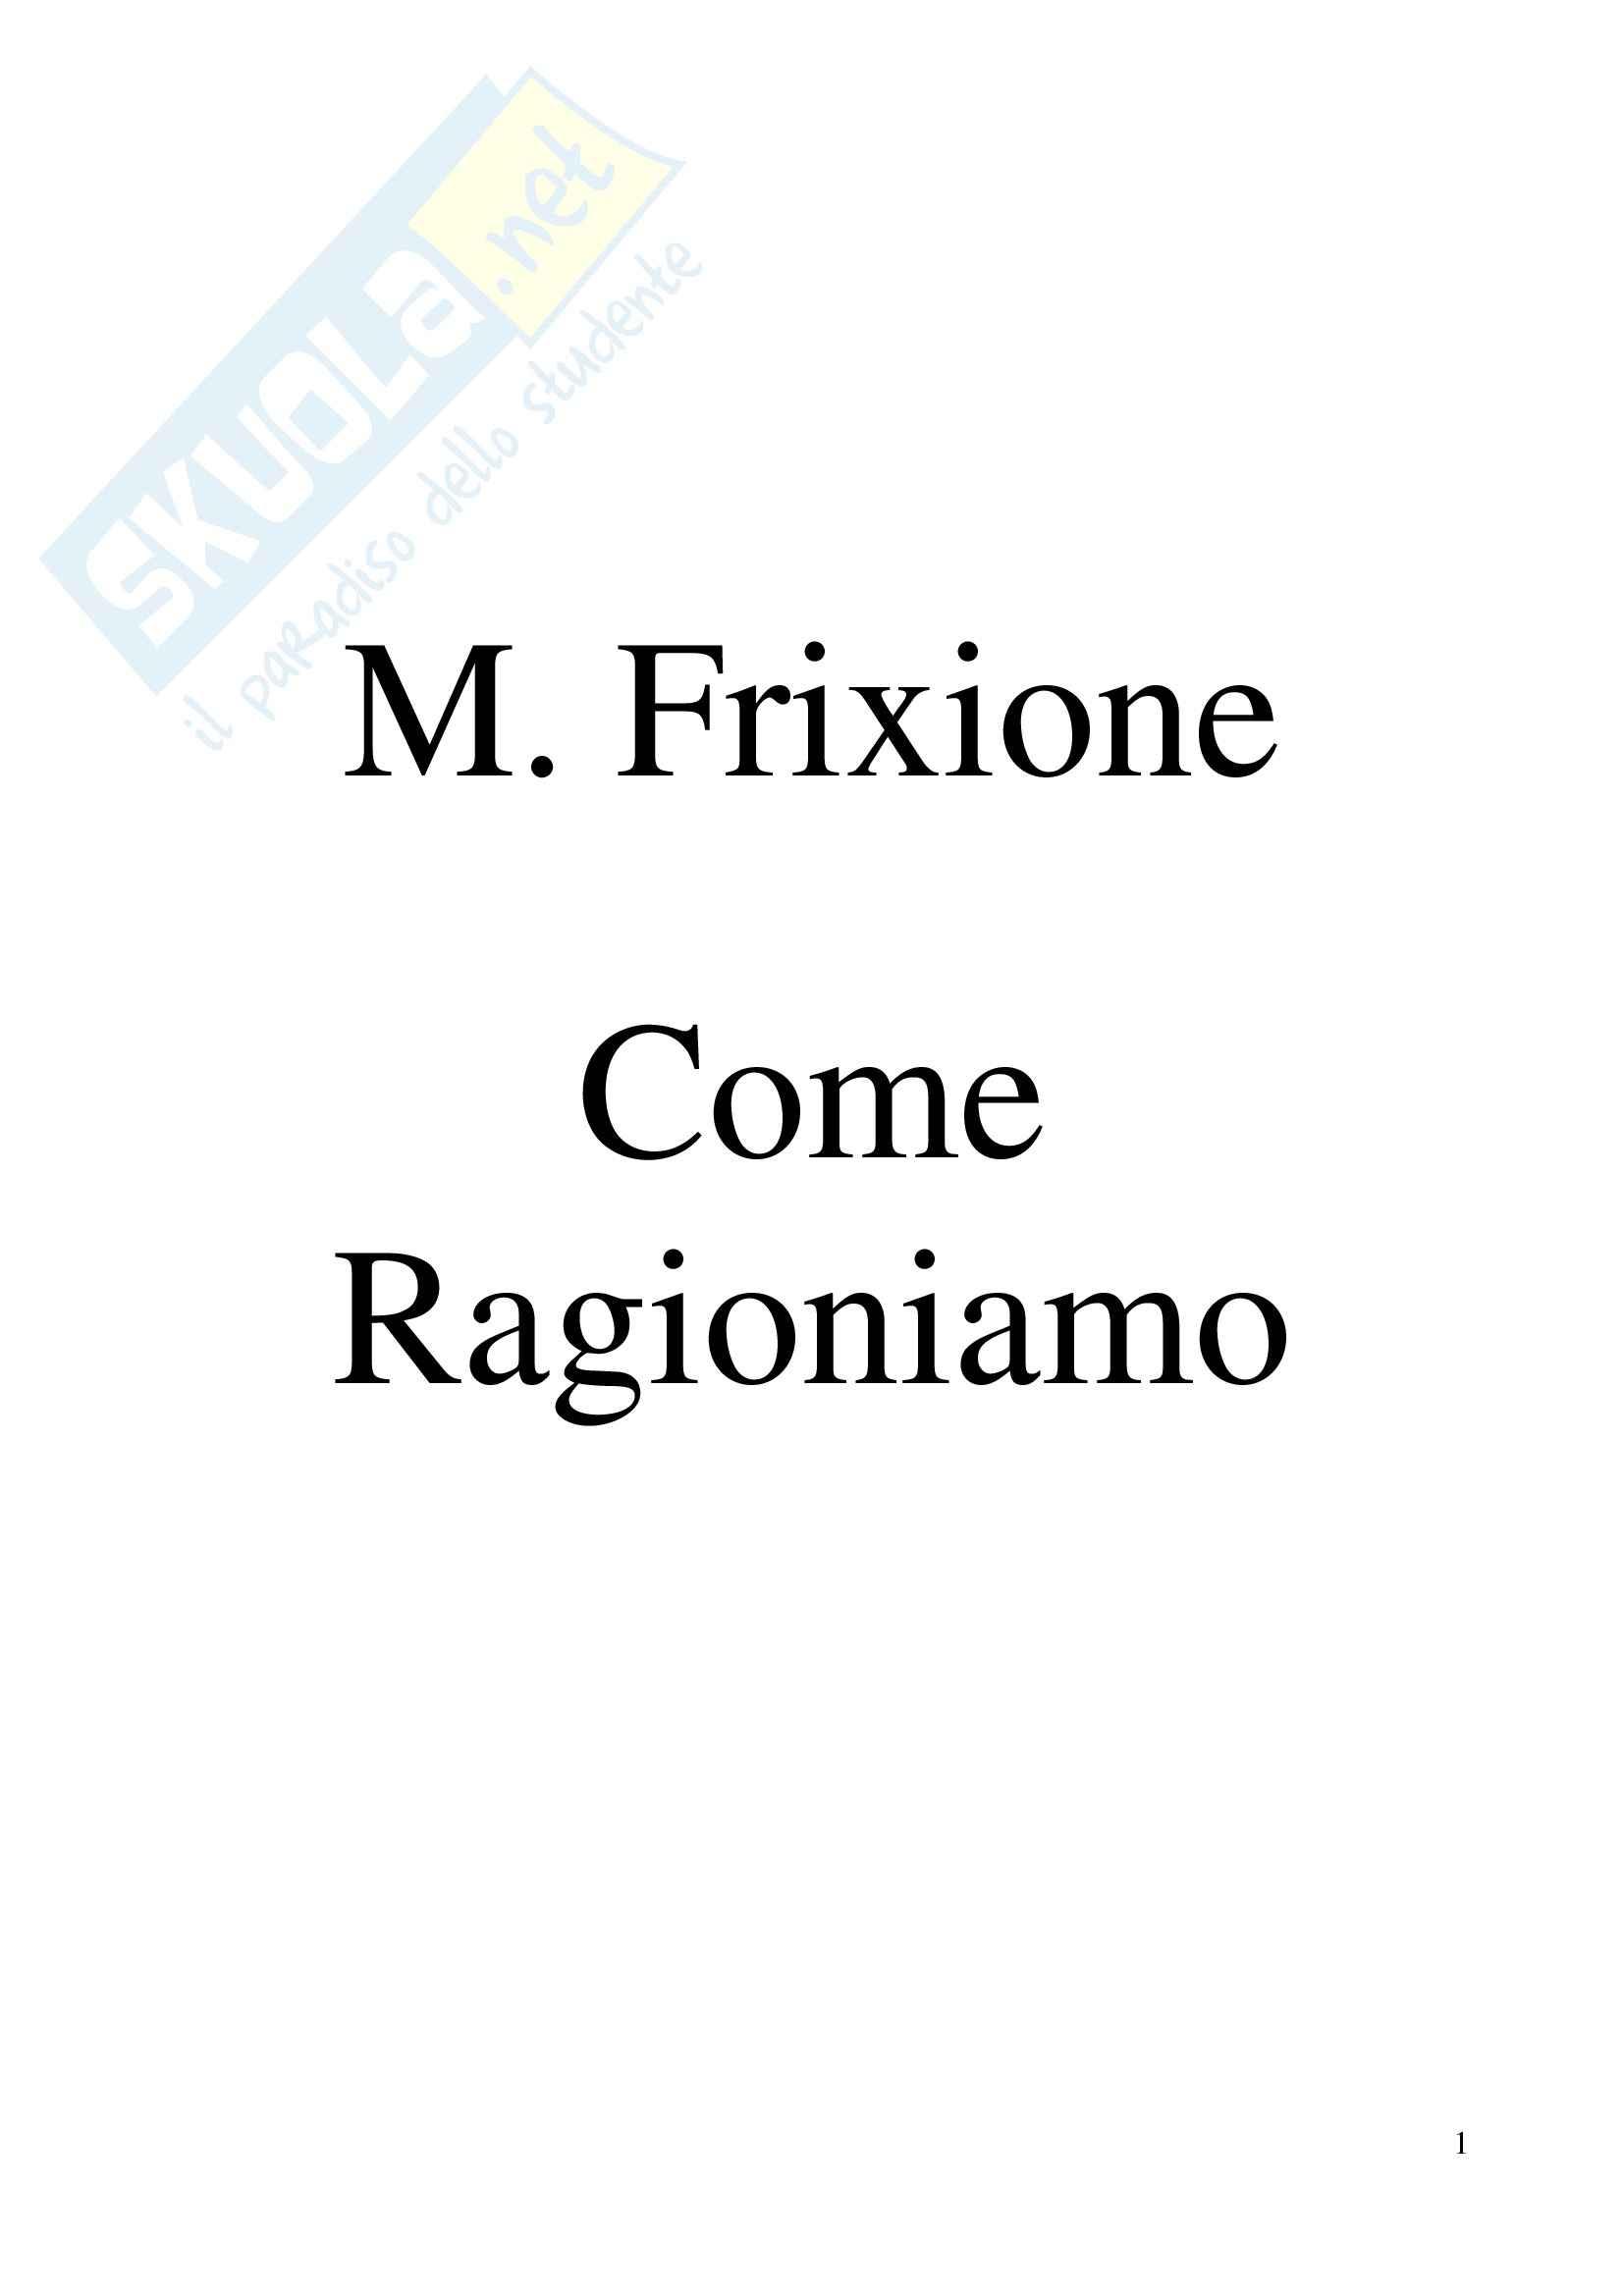 Riassunto esame Lingua italiana II, prof. Pizzoli, libro consigliato Come Ragioniamo, Frixione